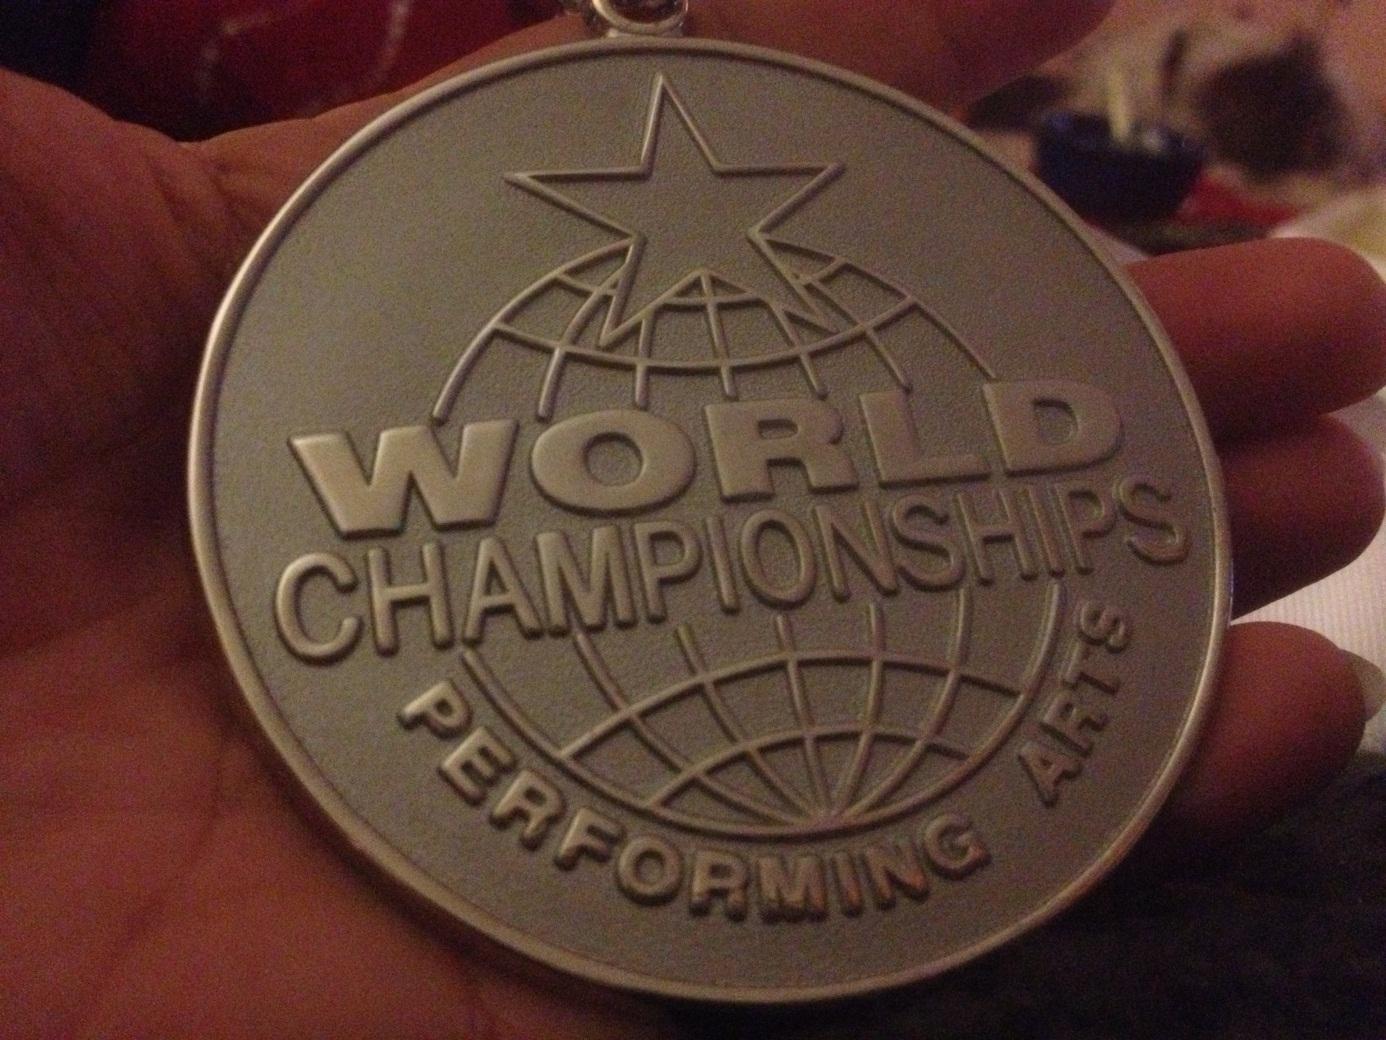 Ann-Helen Gamlesannes sølvmedalje fra WCOPA 2012